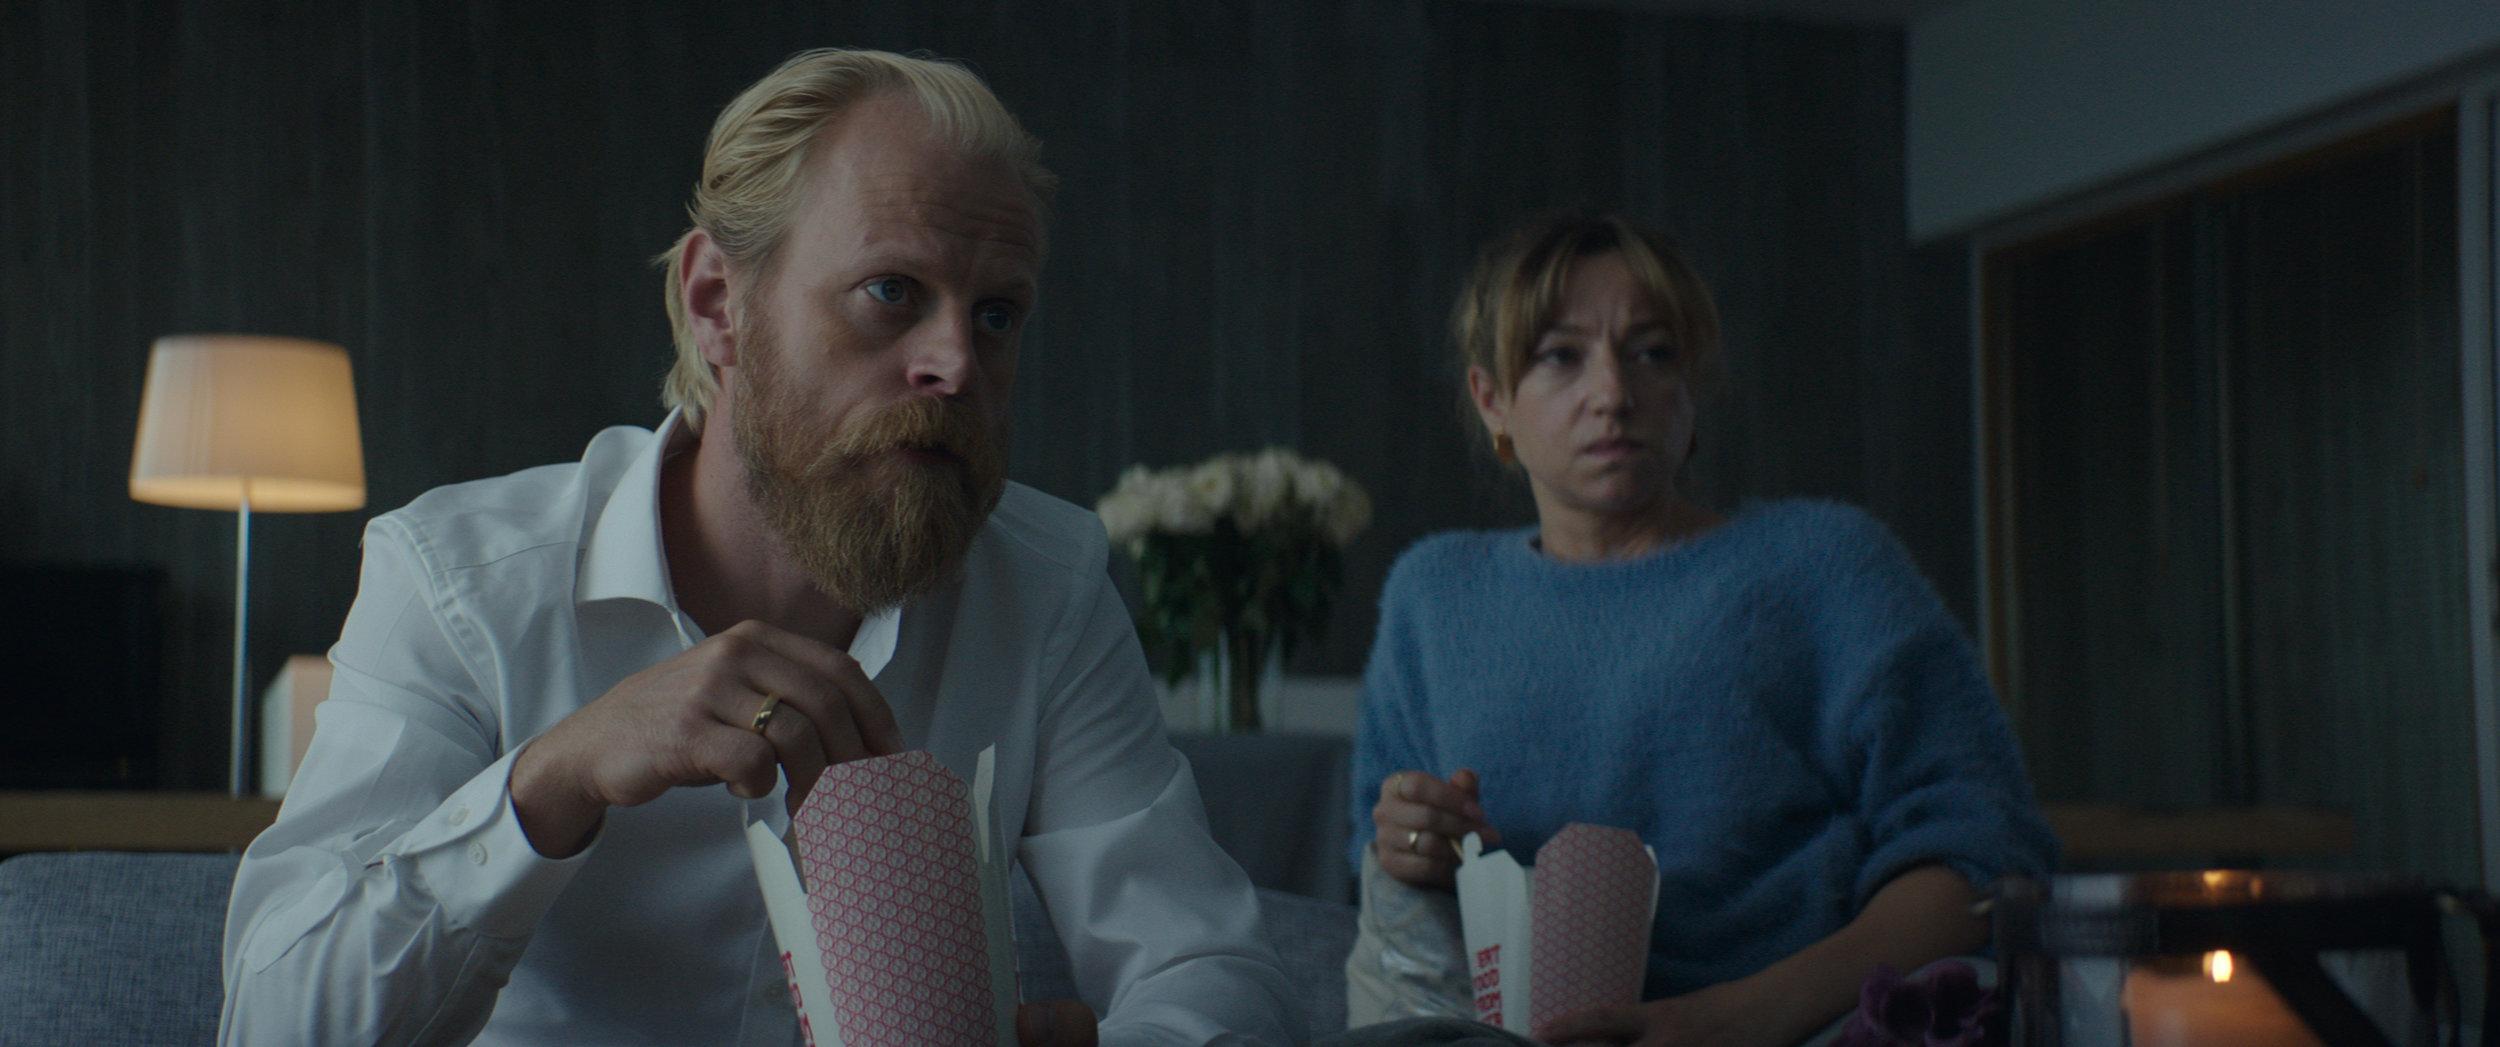 Anita får ikke tilfredsstilt sine dypeste lengsler hos ektemannen (Carsten Bjørnlund).